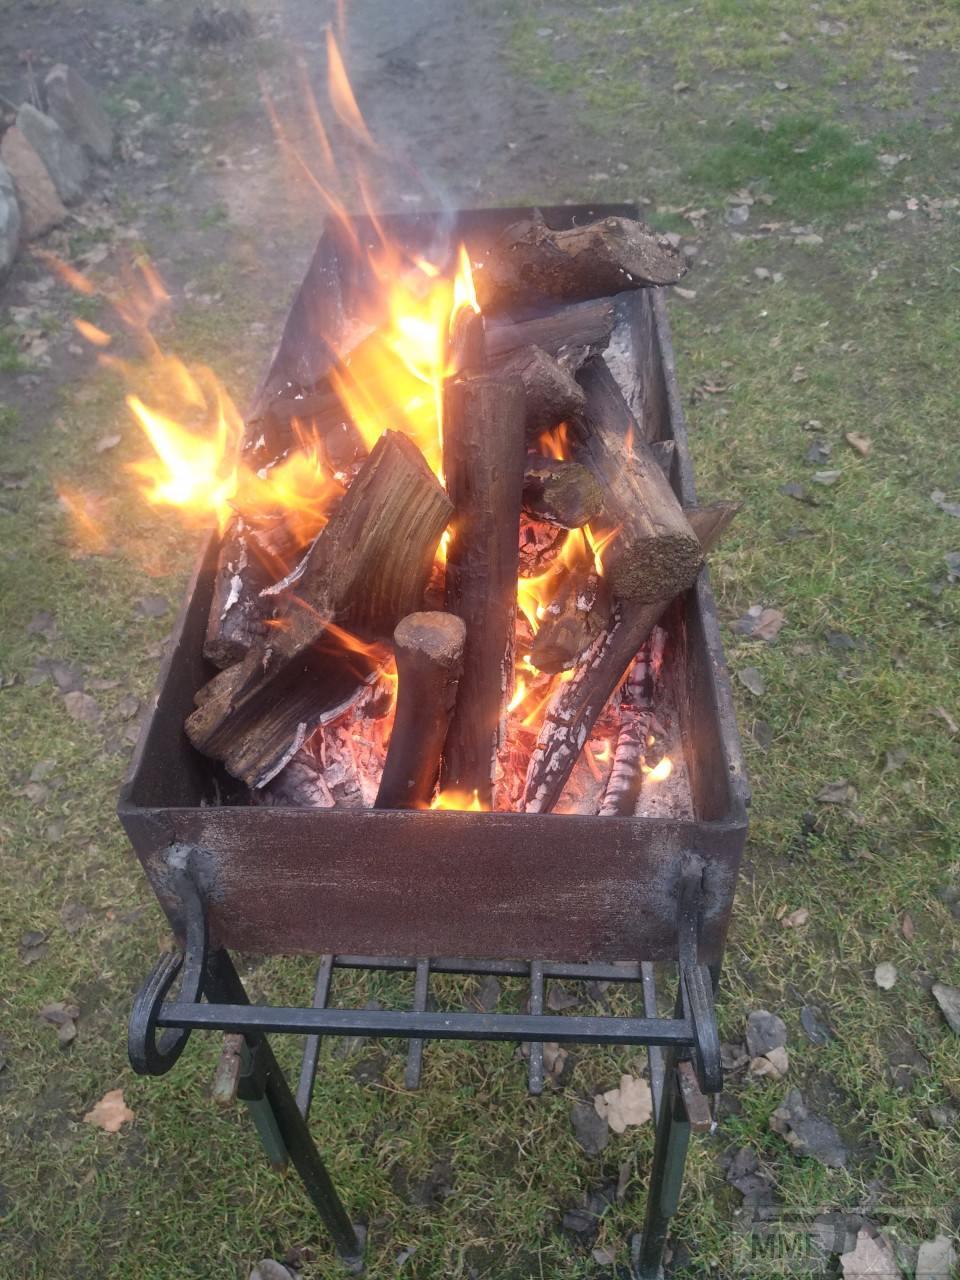 87775 - Закуски на огне (мангал, барбекю и т.д.) и кулинария вообще. Советы и рецепты.